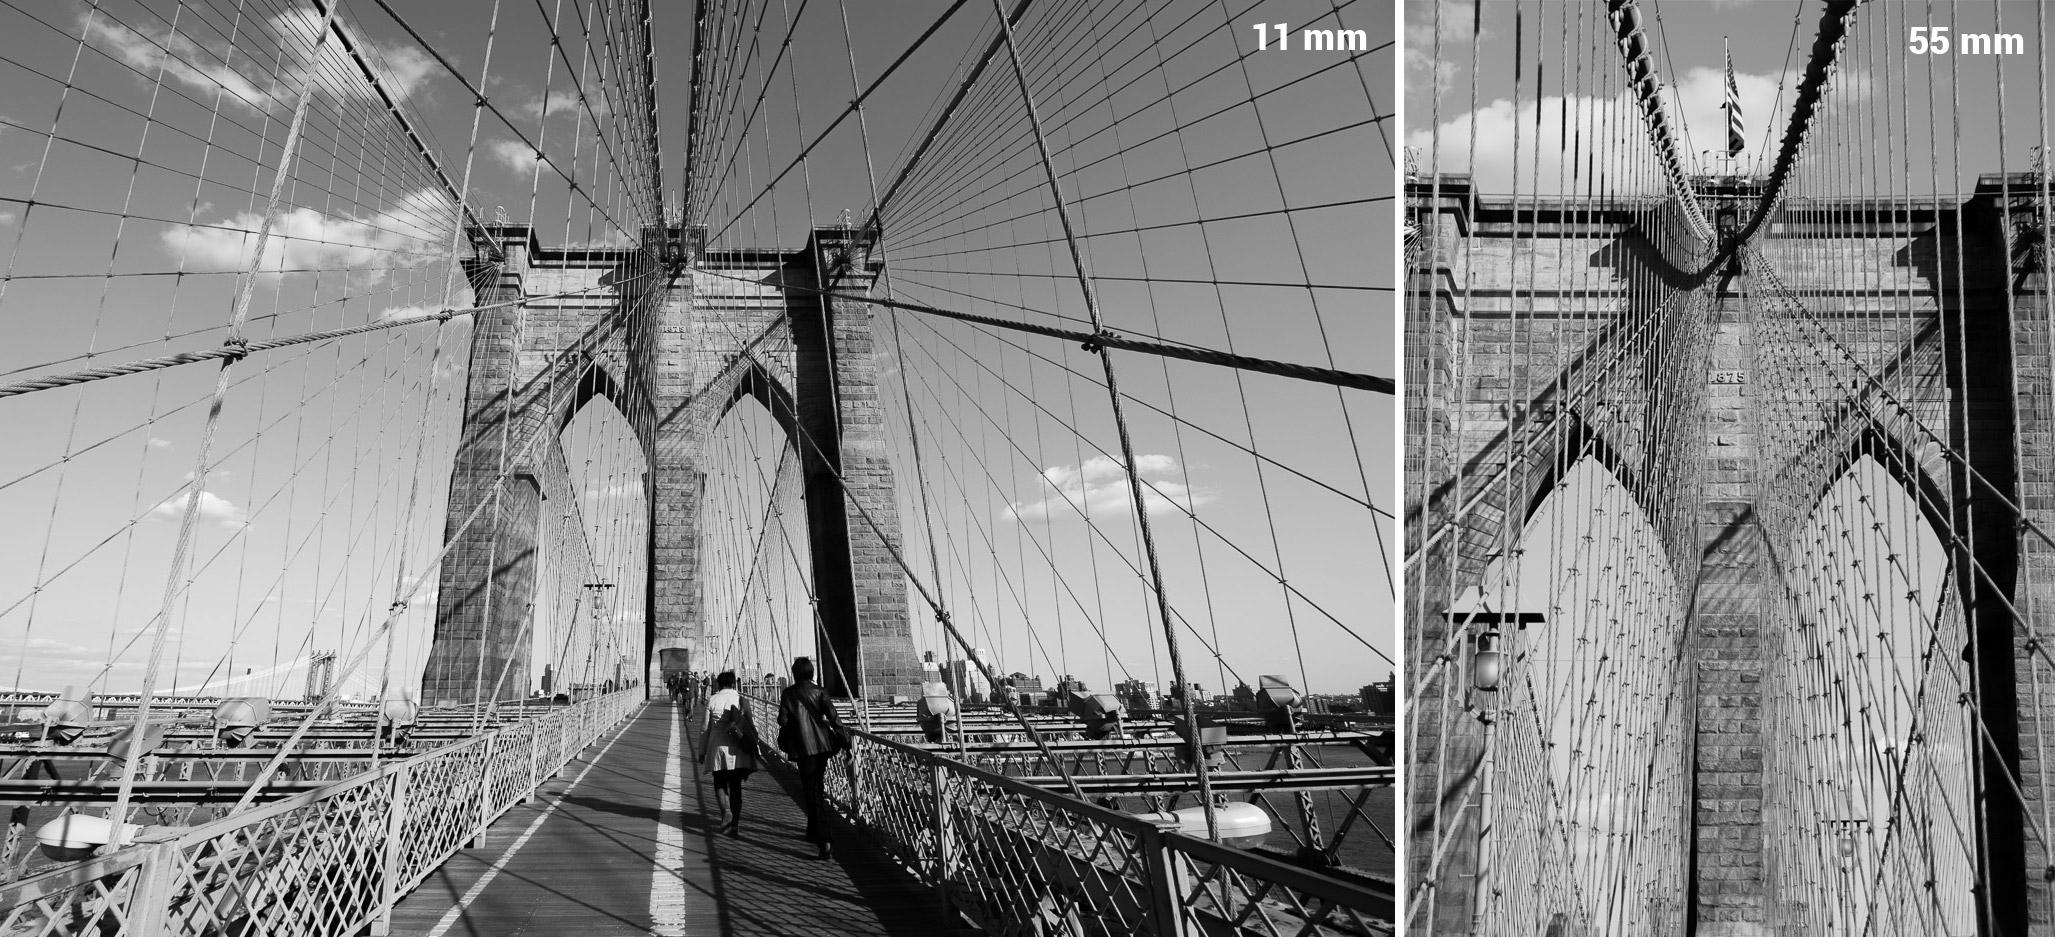 Comparaison entre une focale 11mm et une focale 55mm (format APS-C)